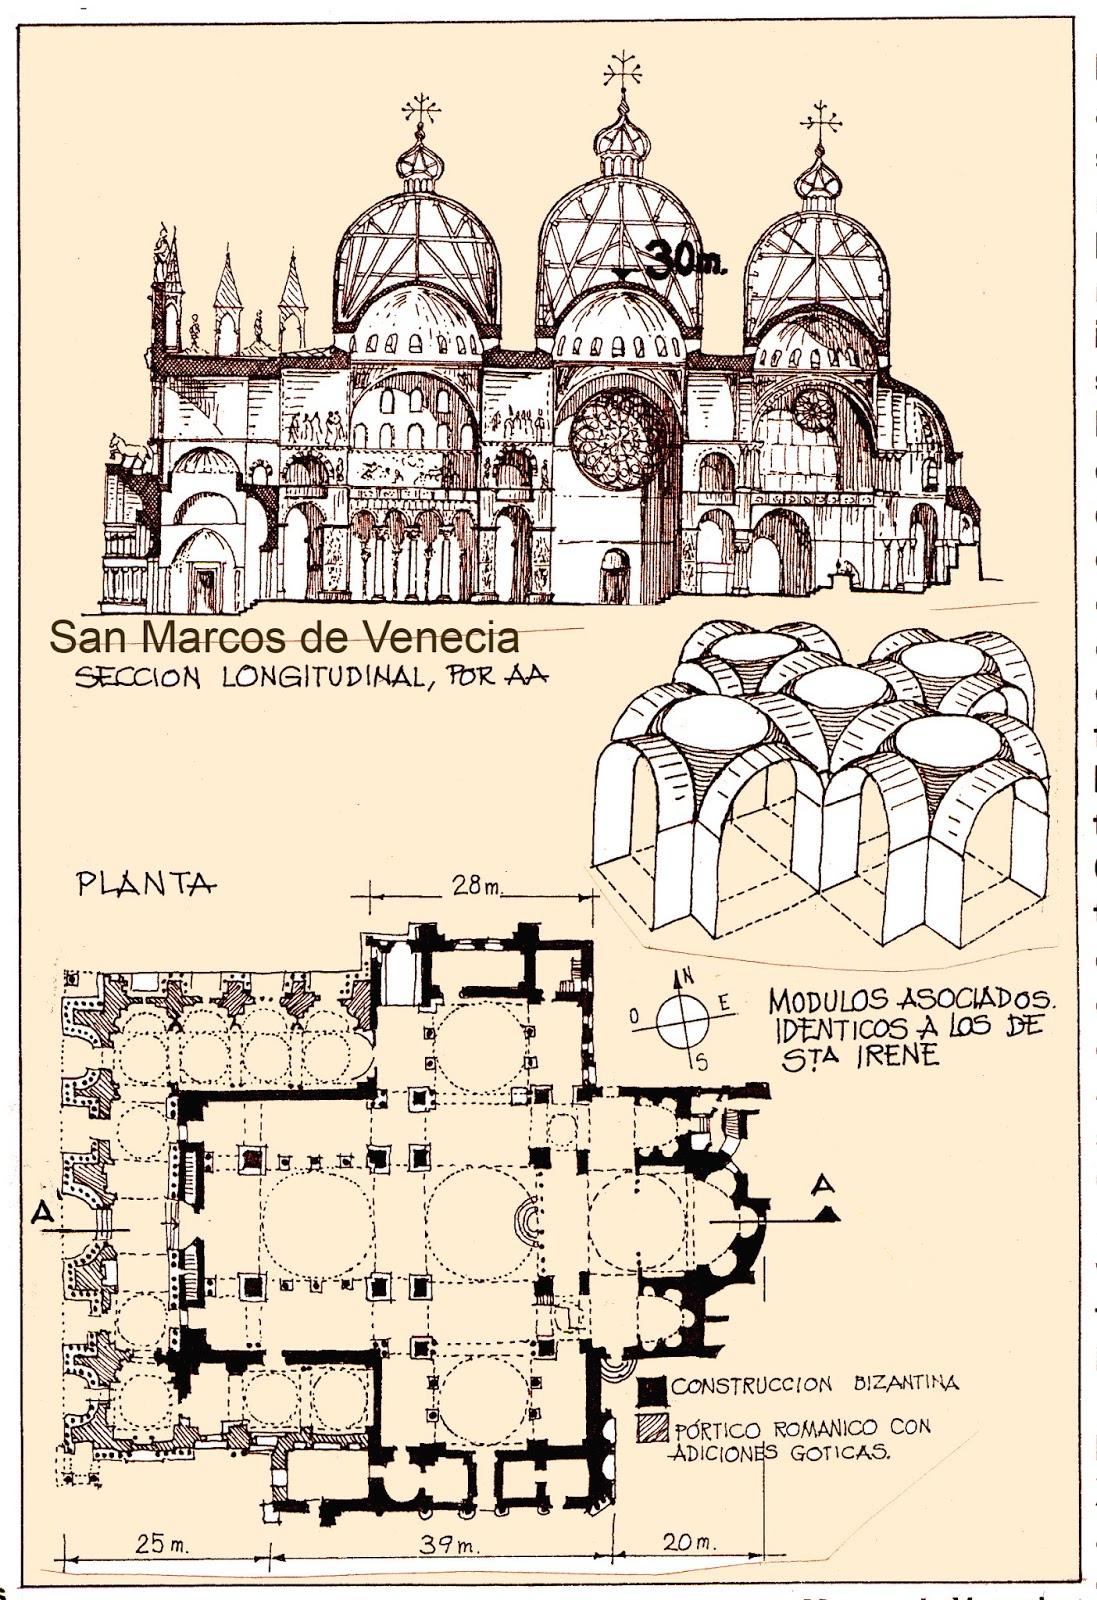 Baul Del Arte Los Mosaicos De La Basilica De San Marco De Venecia